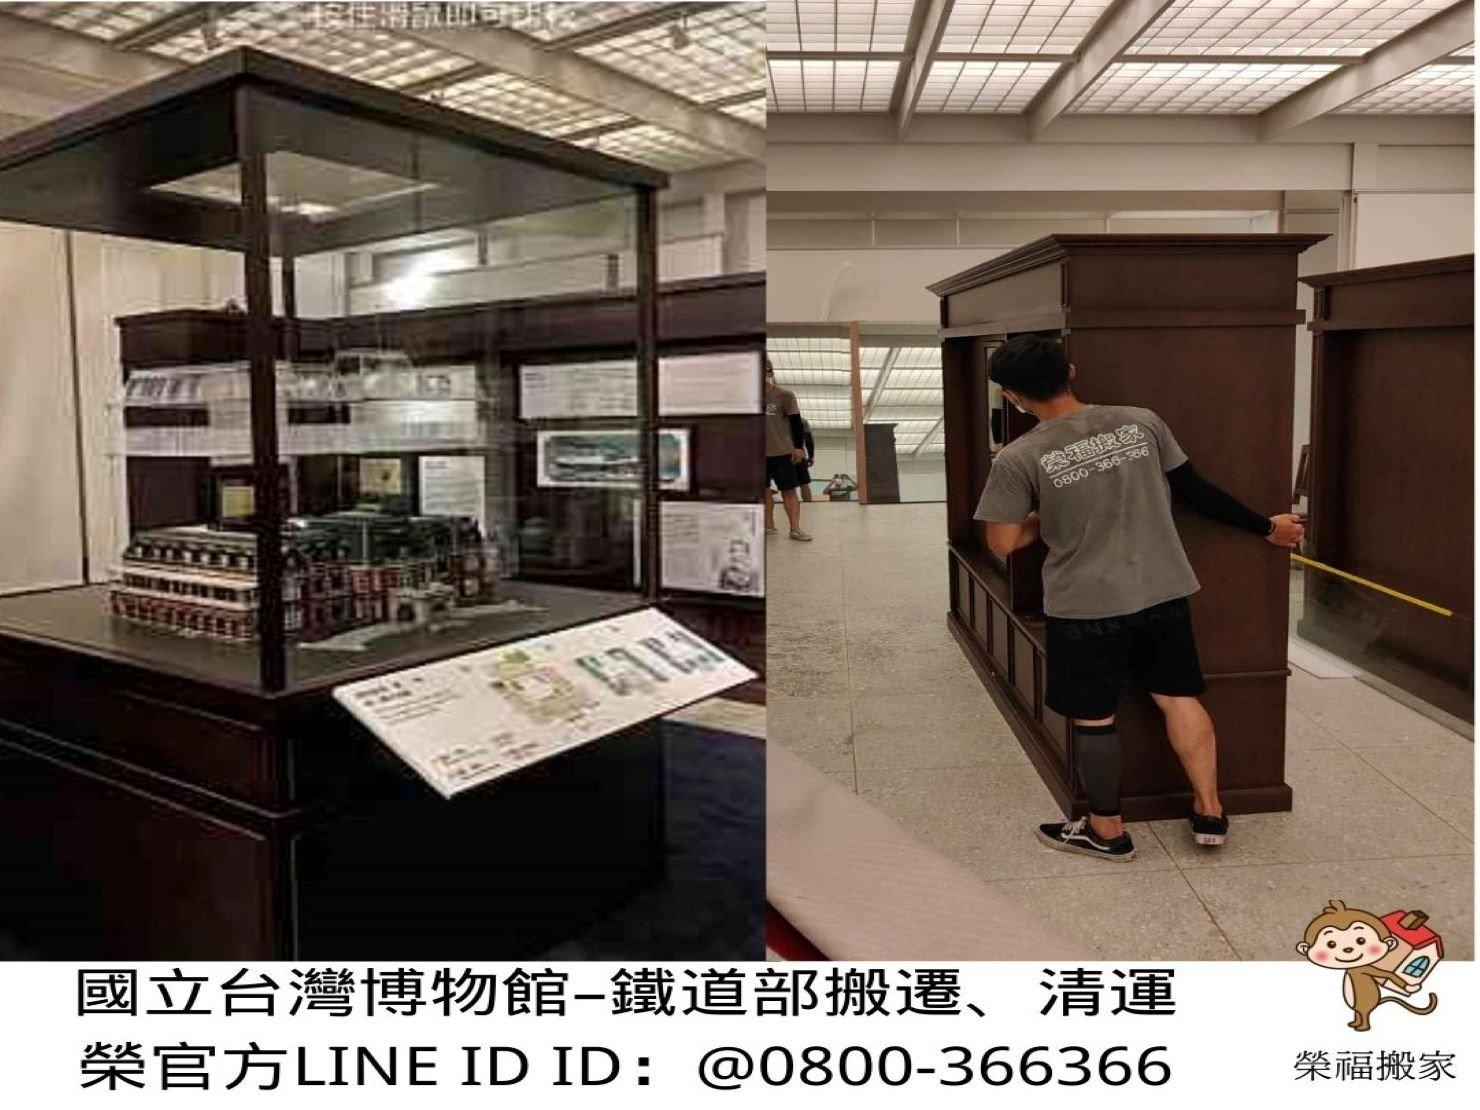 【博物館搬遷實錄】台灣歷史博物館,裝修搬遷清運處理注意事項